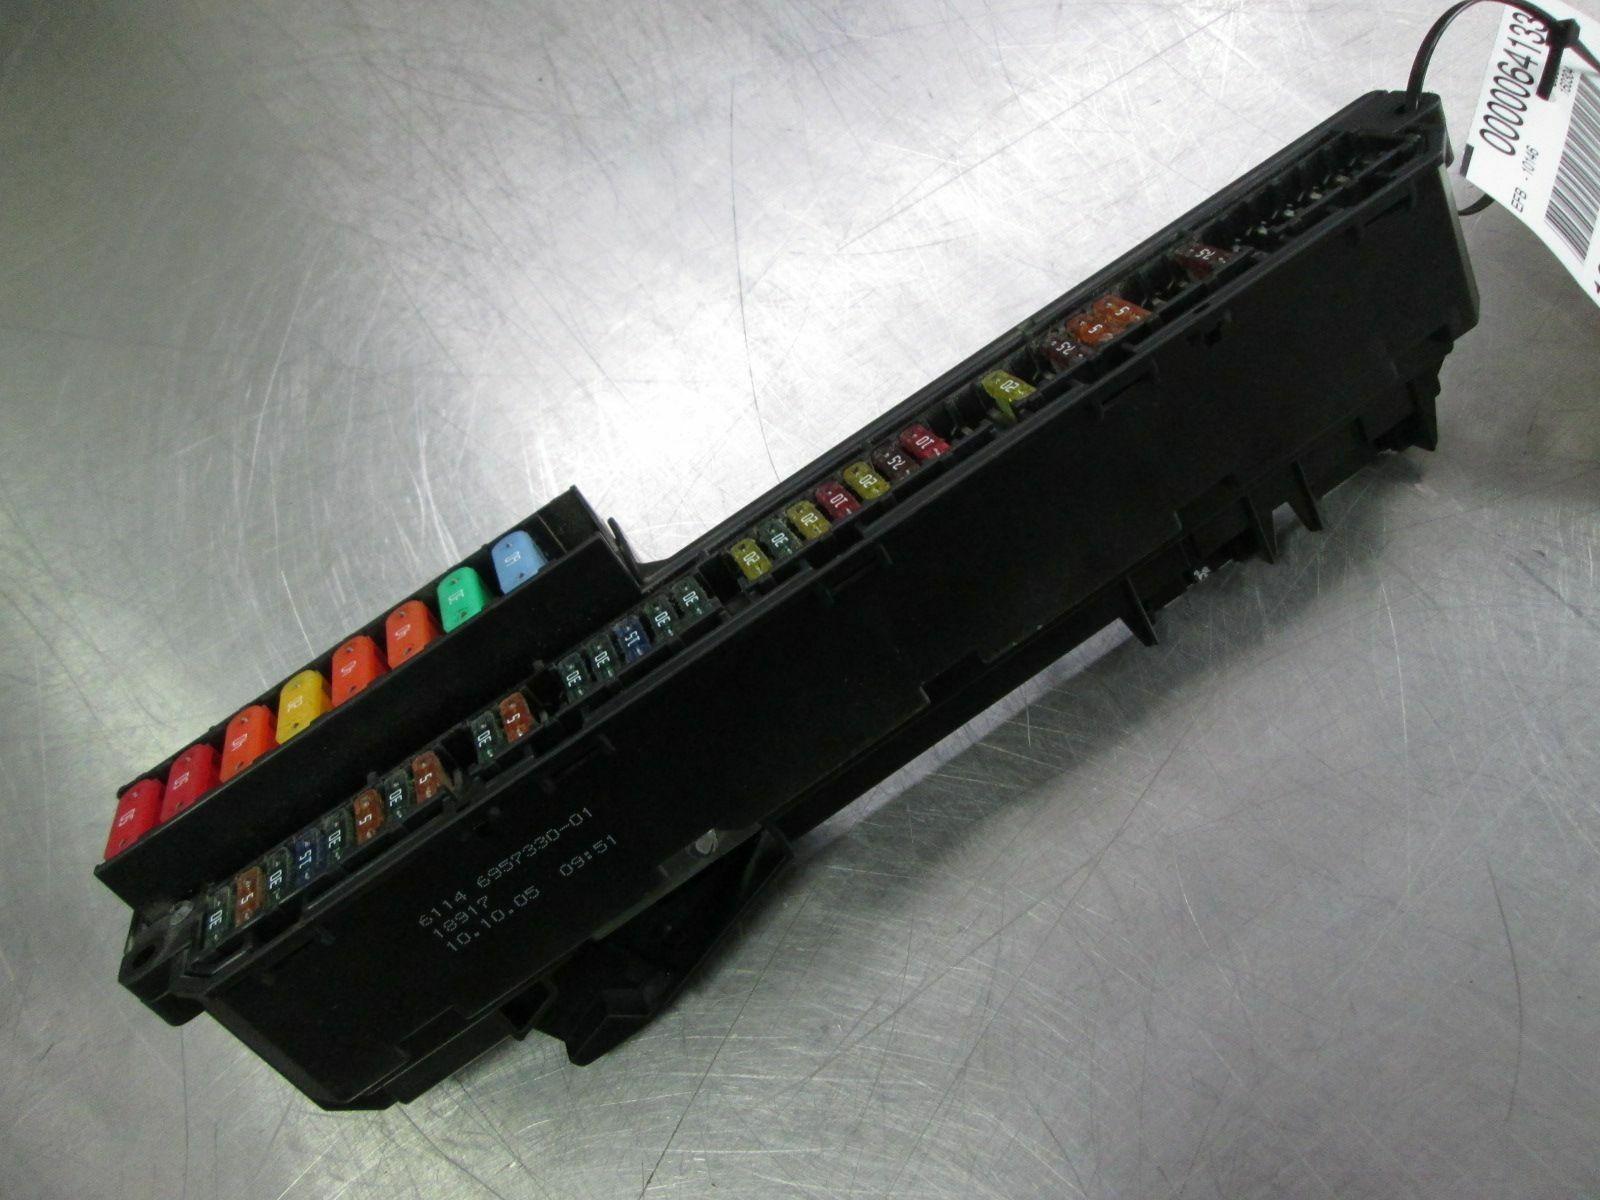 2002 Bmw 540i Fuse Box Schematics Wiring Diagrams 1999 528i Ac E39 M5 Diagram Diy Enthusiasts U2022 Rh Okdrywall Co 530i Location